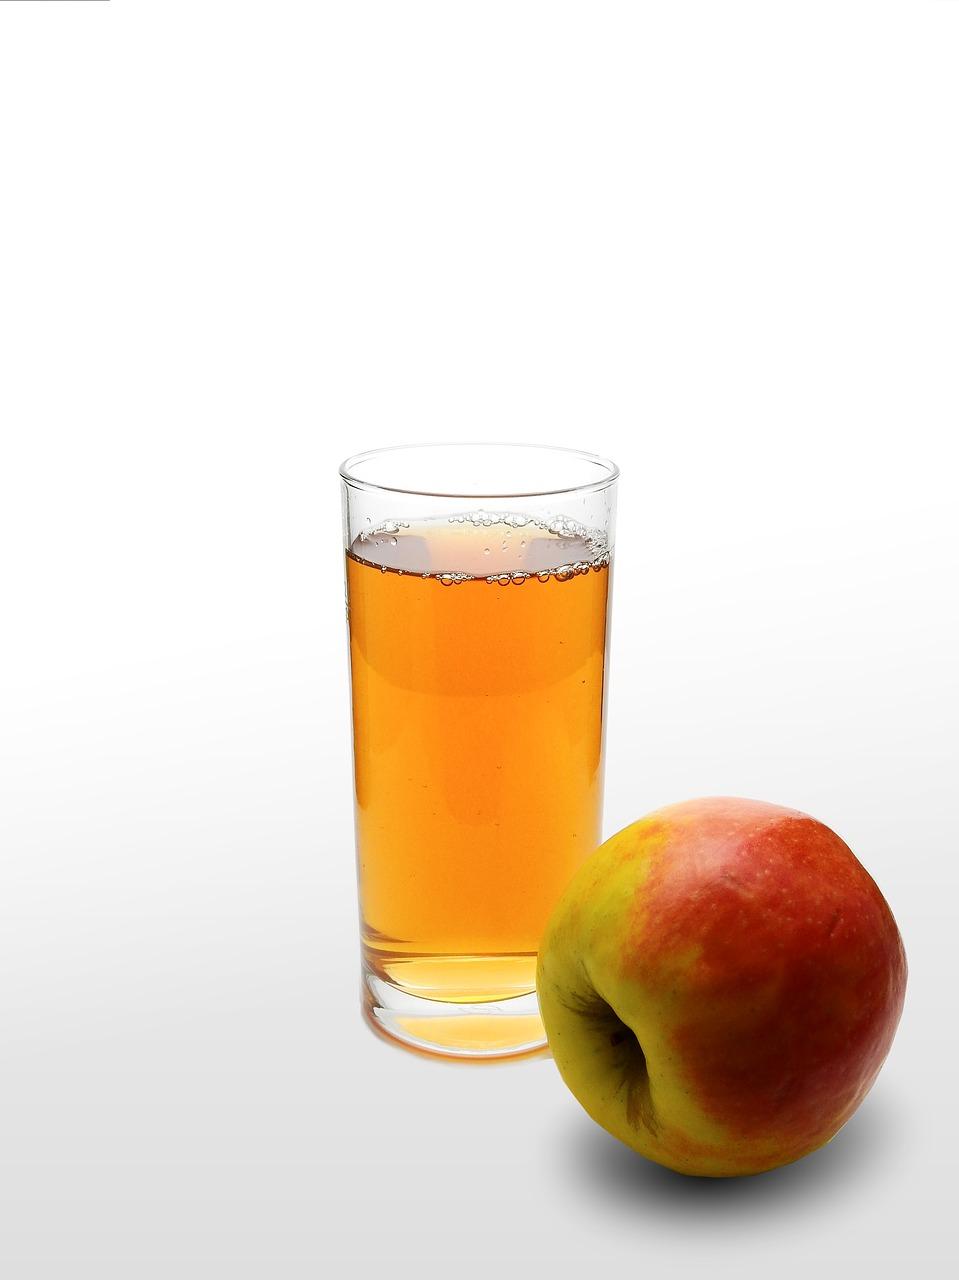 خل التفاح للقضاء على حب الشباب و بثور البشرة الدهنية